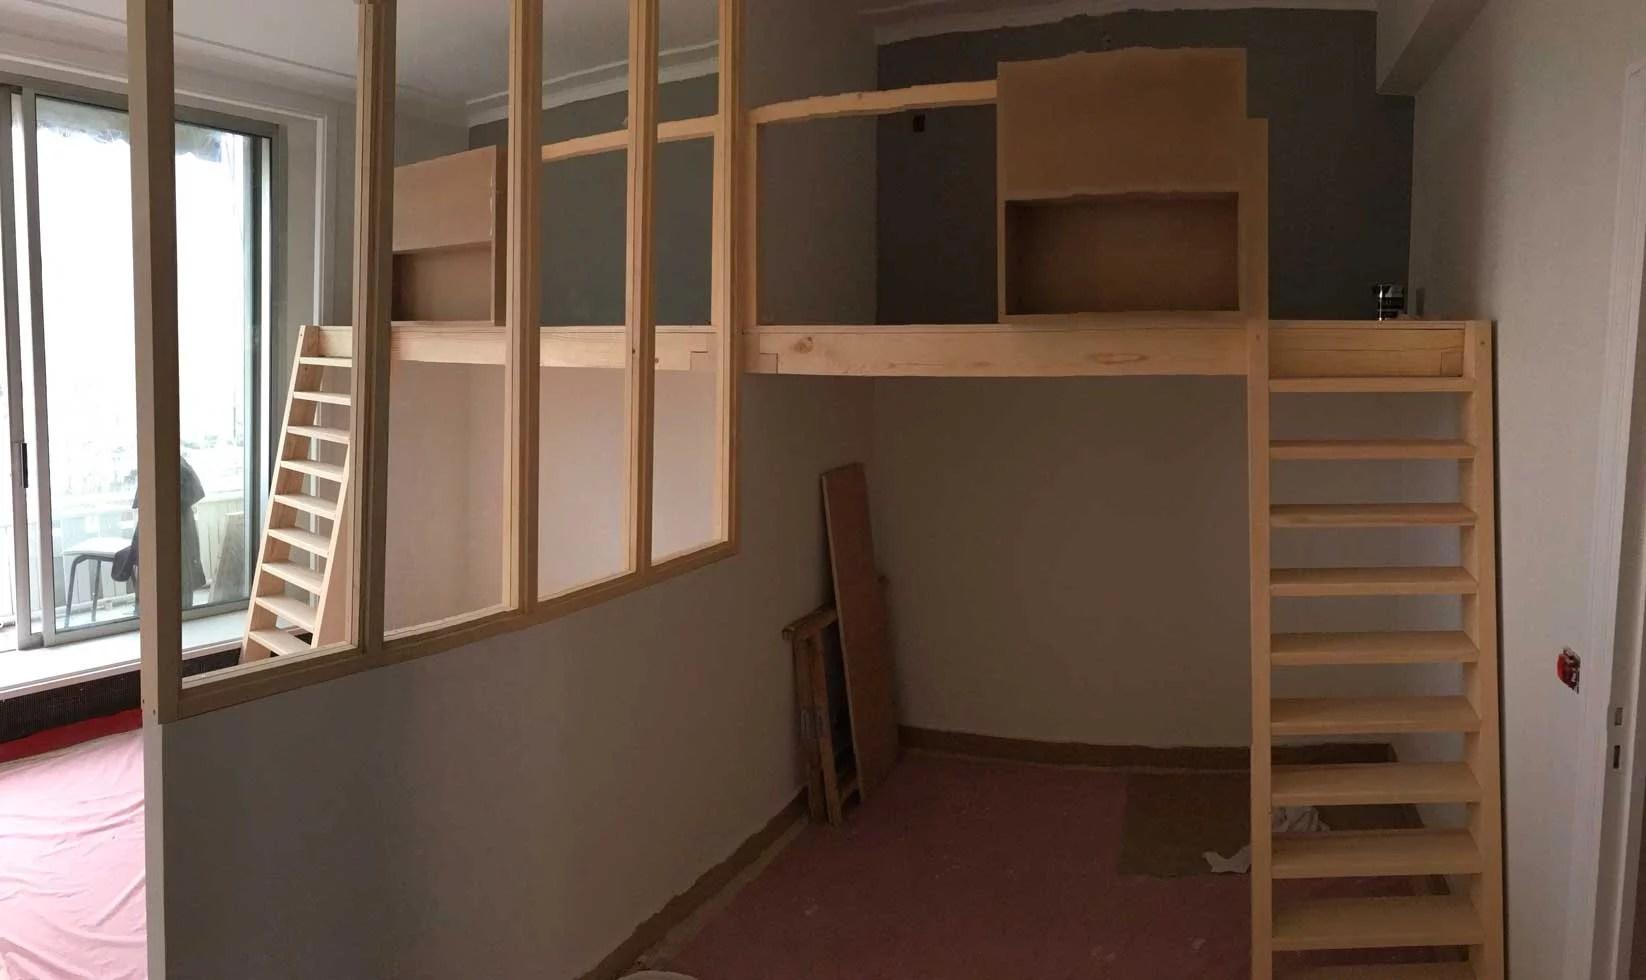 baty r construction et am nagement int rieur en bois sur mesure 91. Black Bedroom Furniture Sets. Home Design Ideas